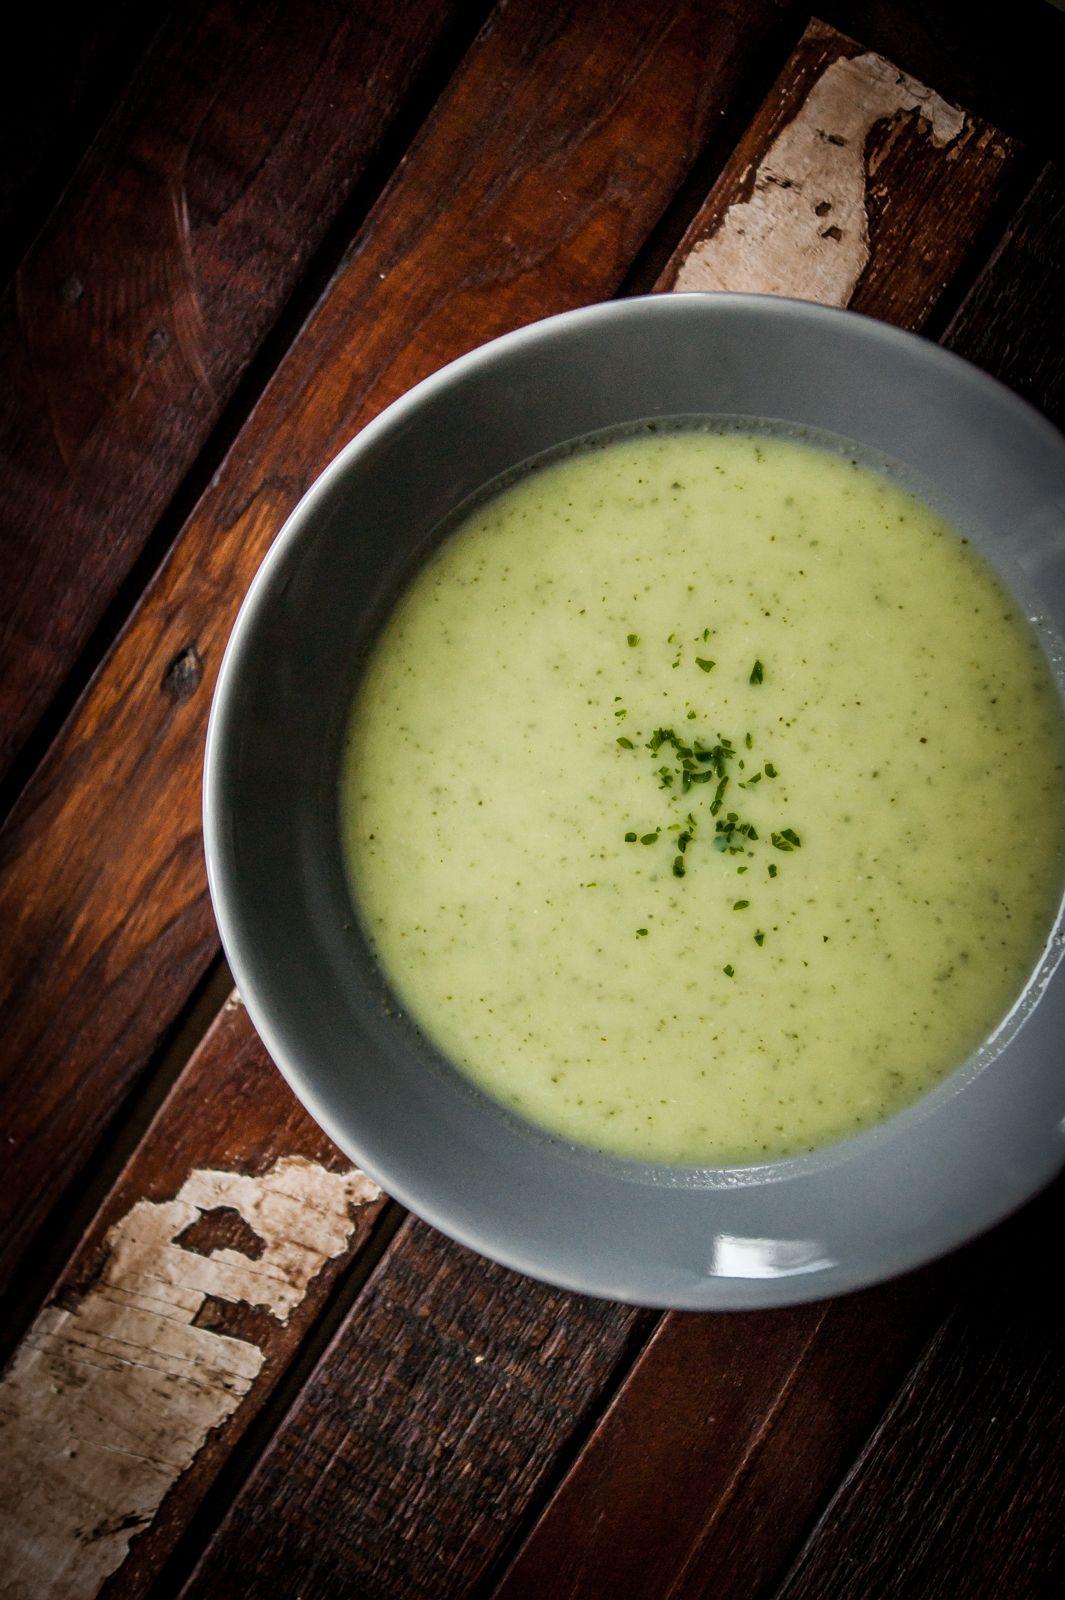 Heute ist Suppentag und da die Zucchini mich so angelacht hat, dachte ich an Zucchini-Creme-Suppe. Ist sehr easy umzusetzen und schmeckt gut. Also ran ans Gemüse ….